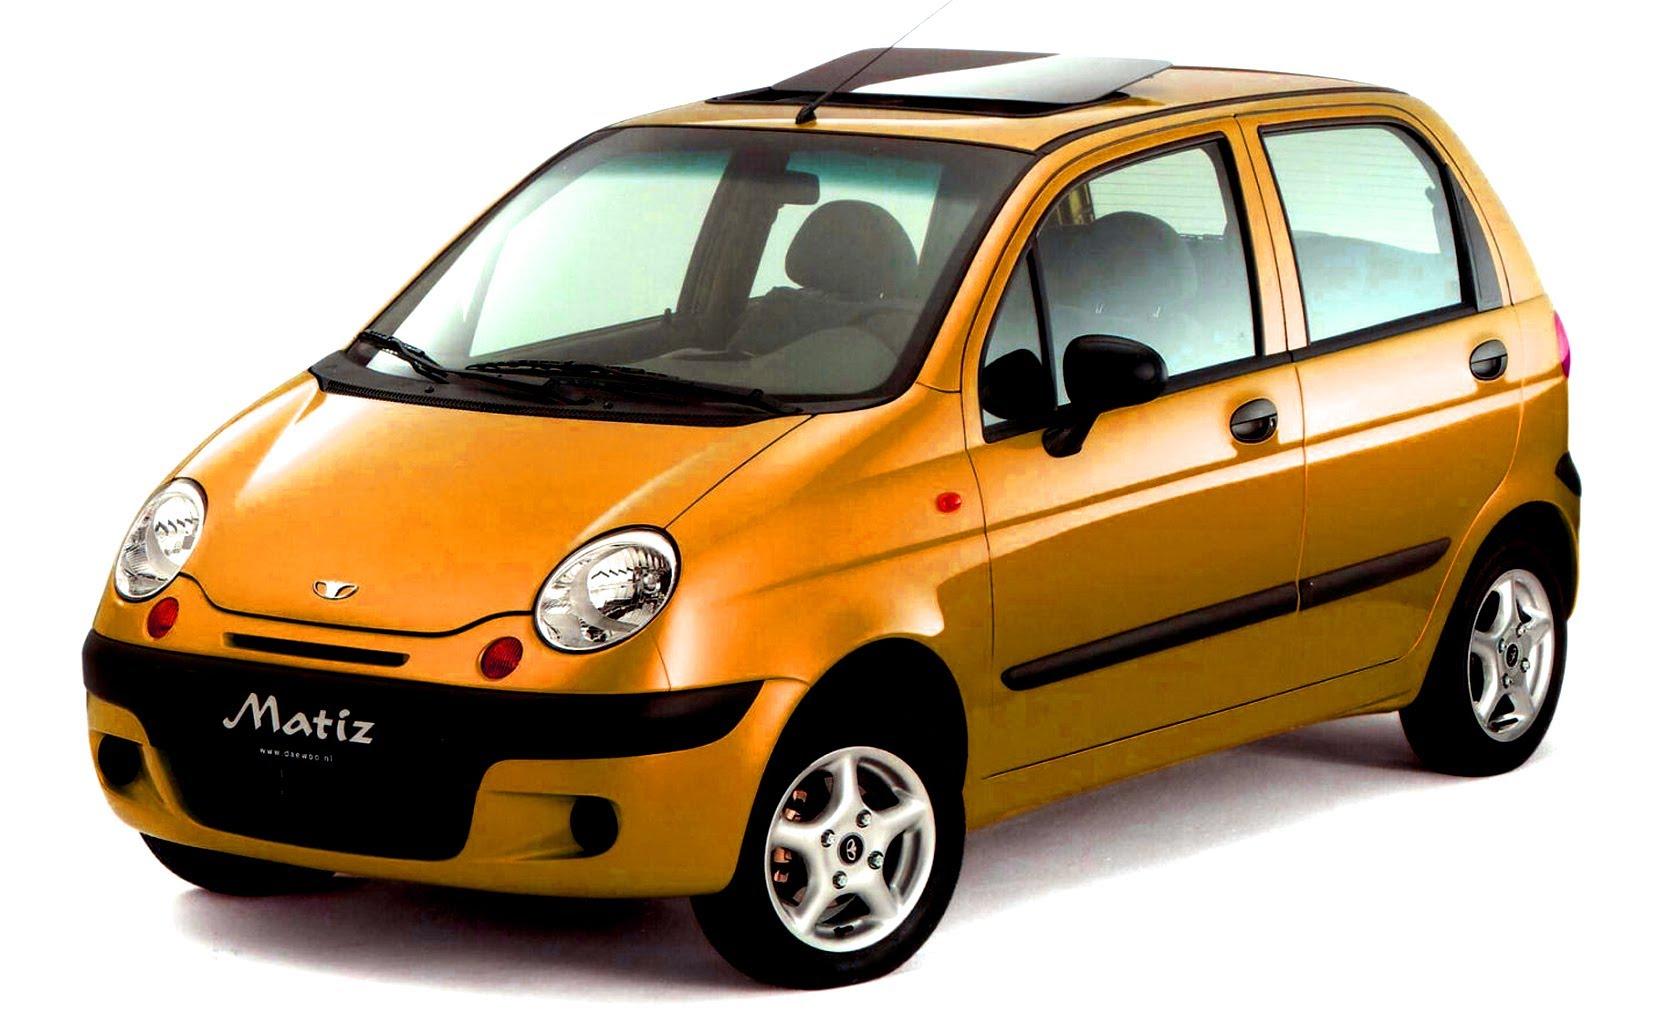 Daewoo Матиз - быстрый, доступный, современный